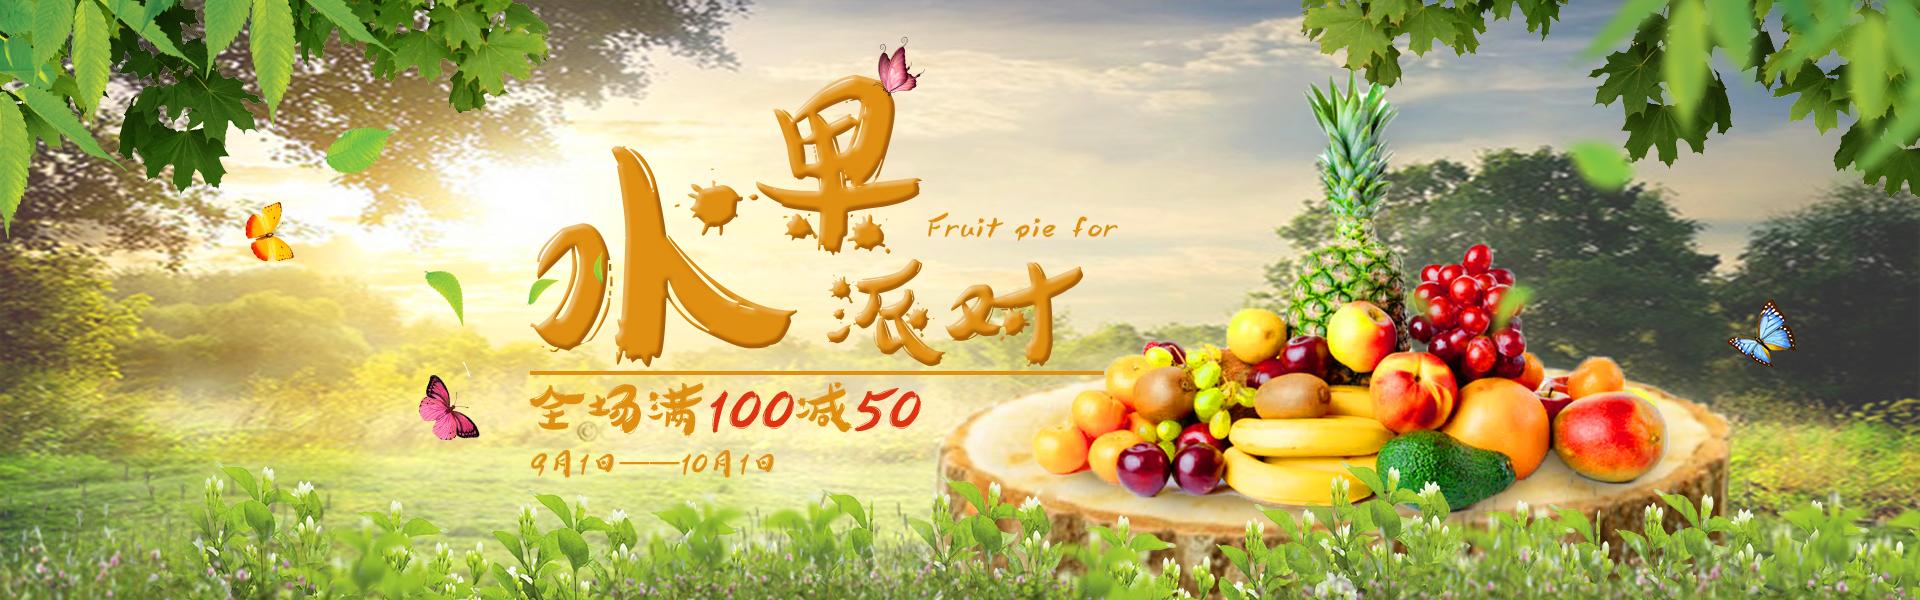 设计的水果淘宝店铺的banner